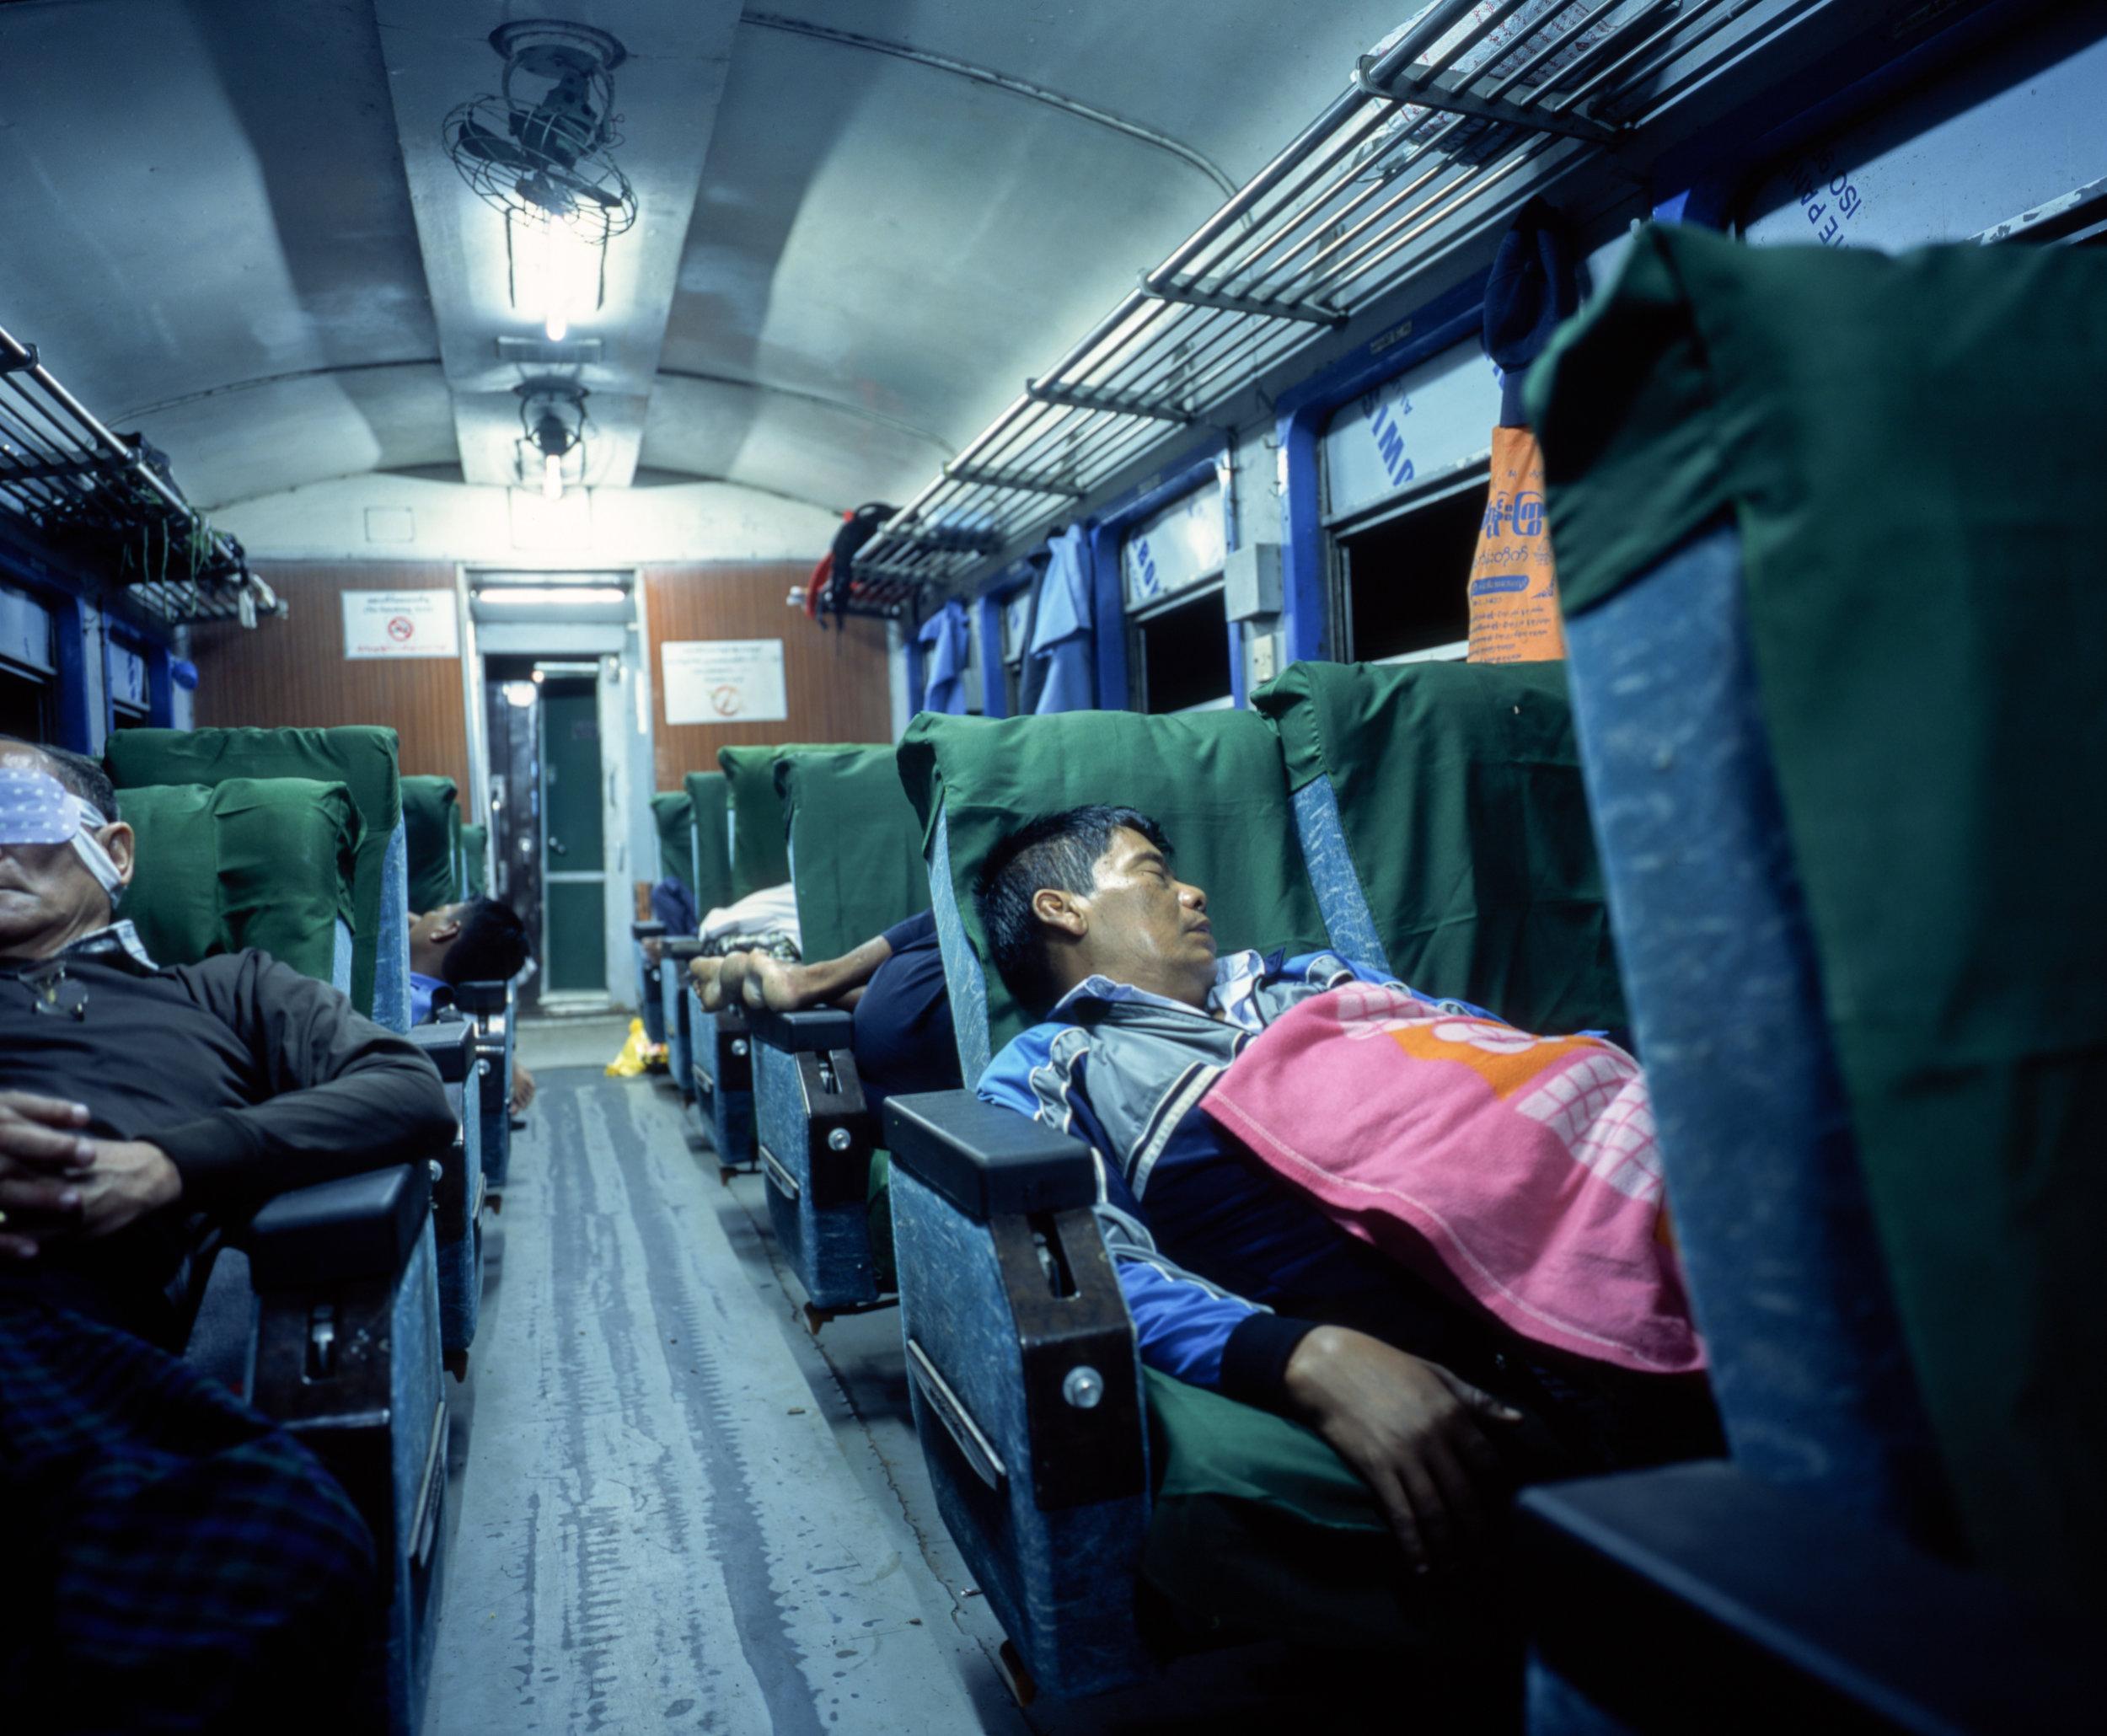 Sleeping on the train Fuji GF670w | Fuji Provia 100f